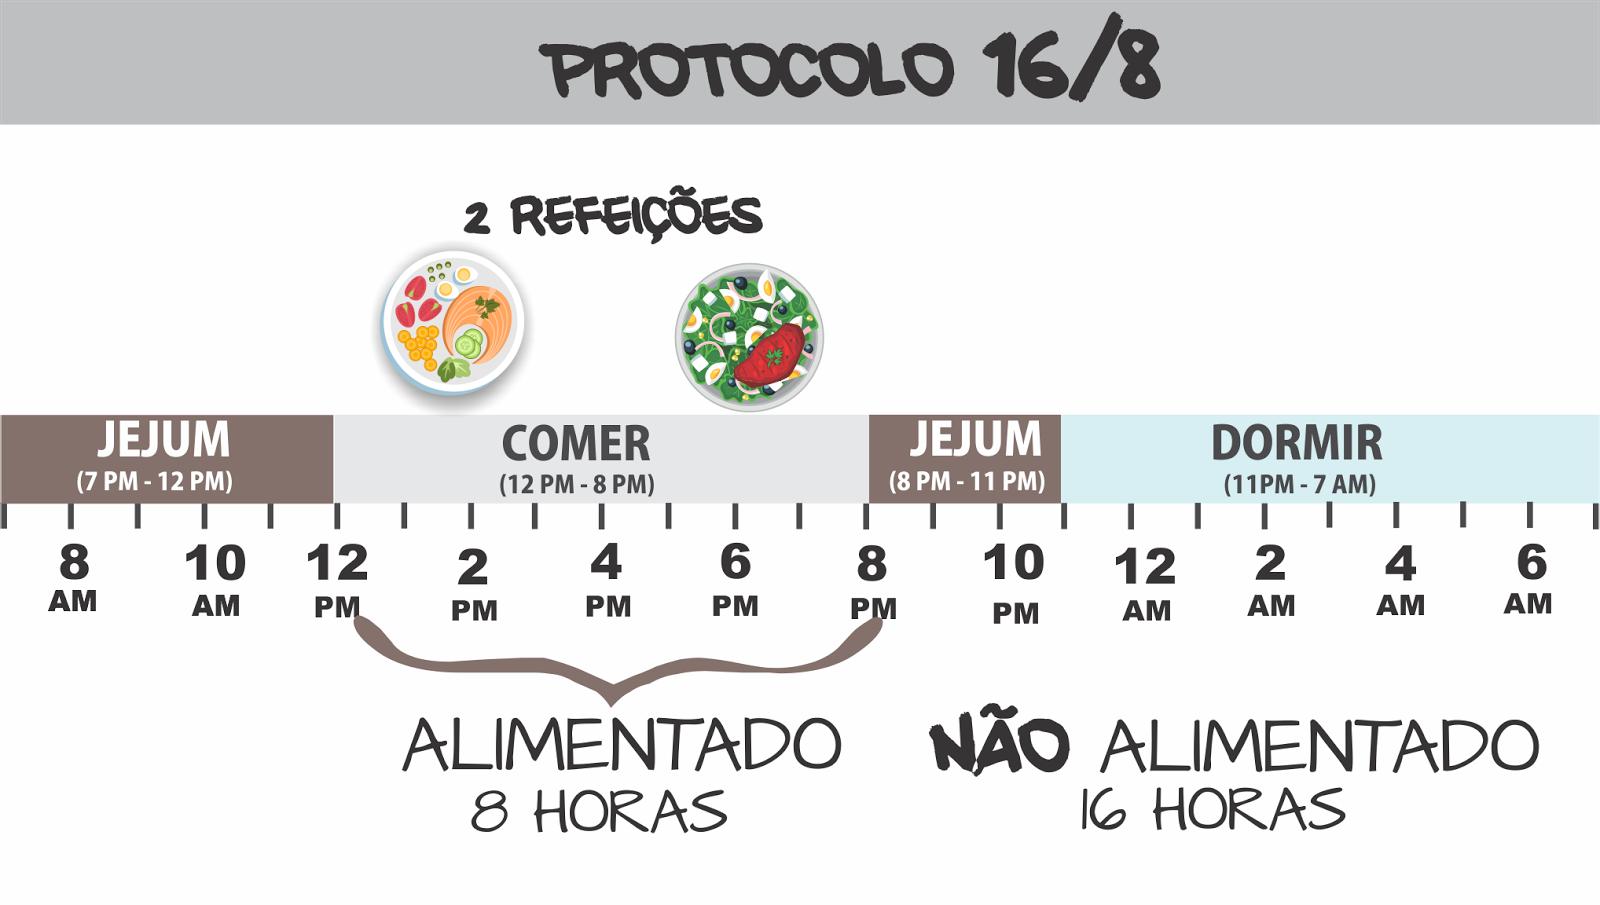 PULAR O CAFÉ DA MANHÃ- PROTOCOLO 16/8 - - FASTING